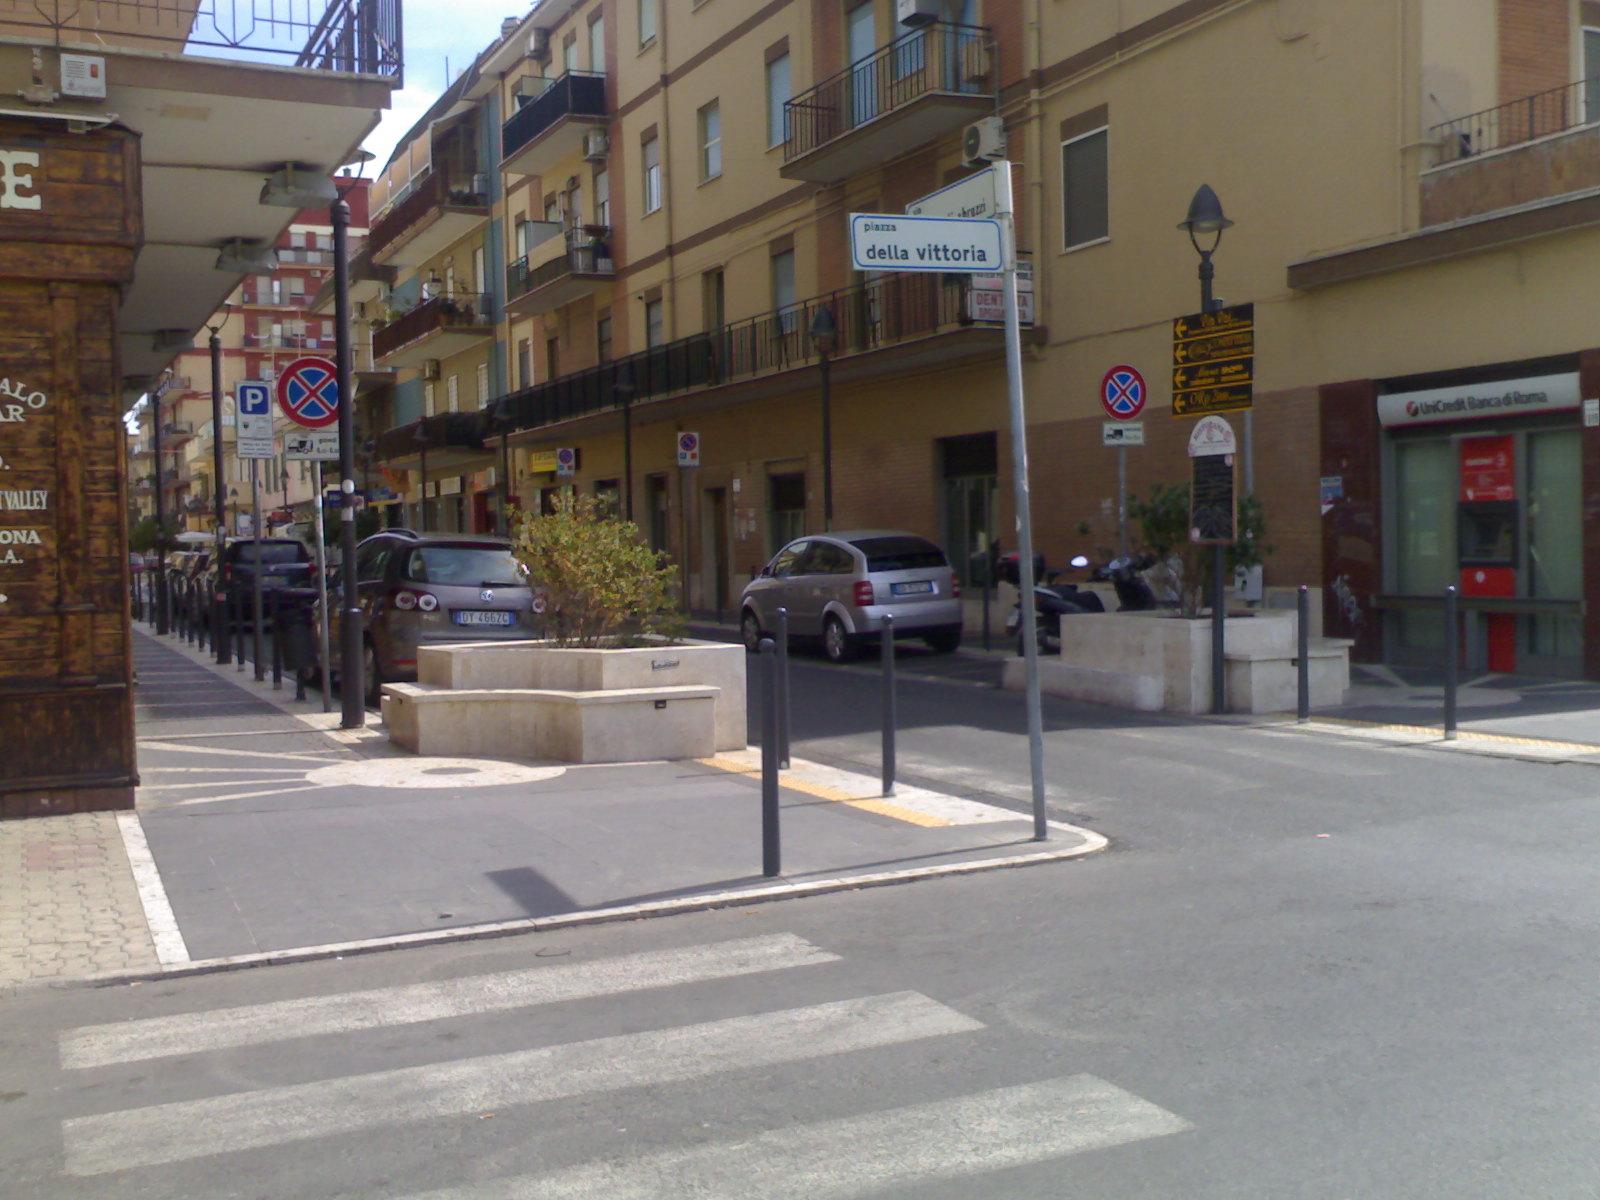 Roma fa schifo ma tu guarda se sull 39 arredo urbano le for Arredo urbano roma